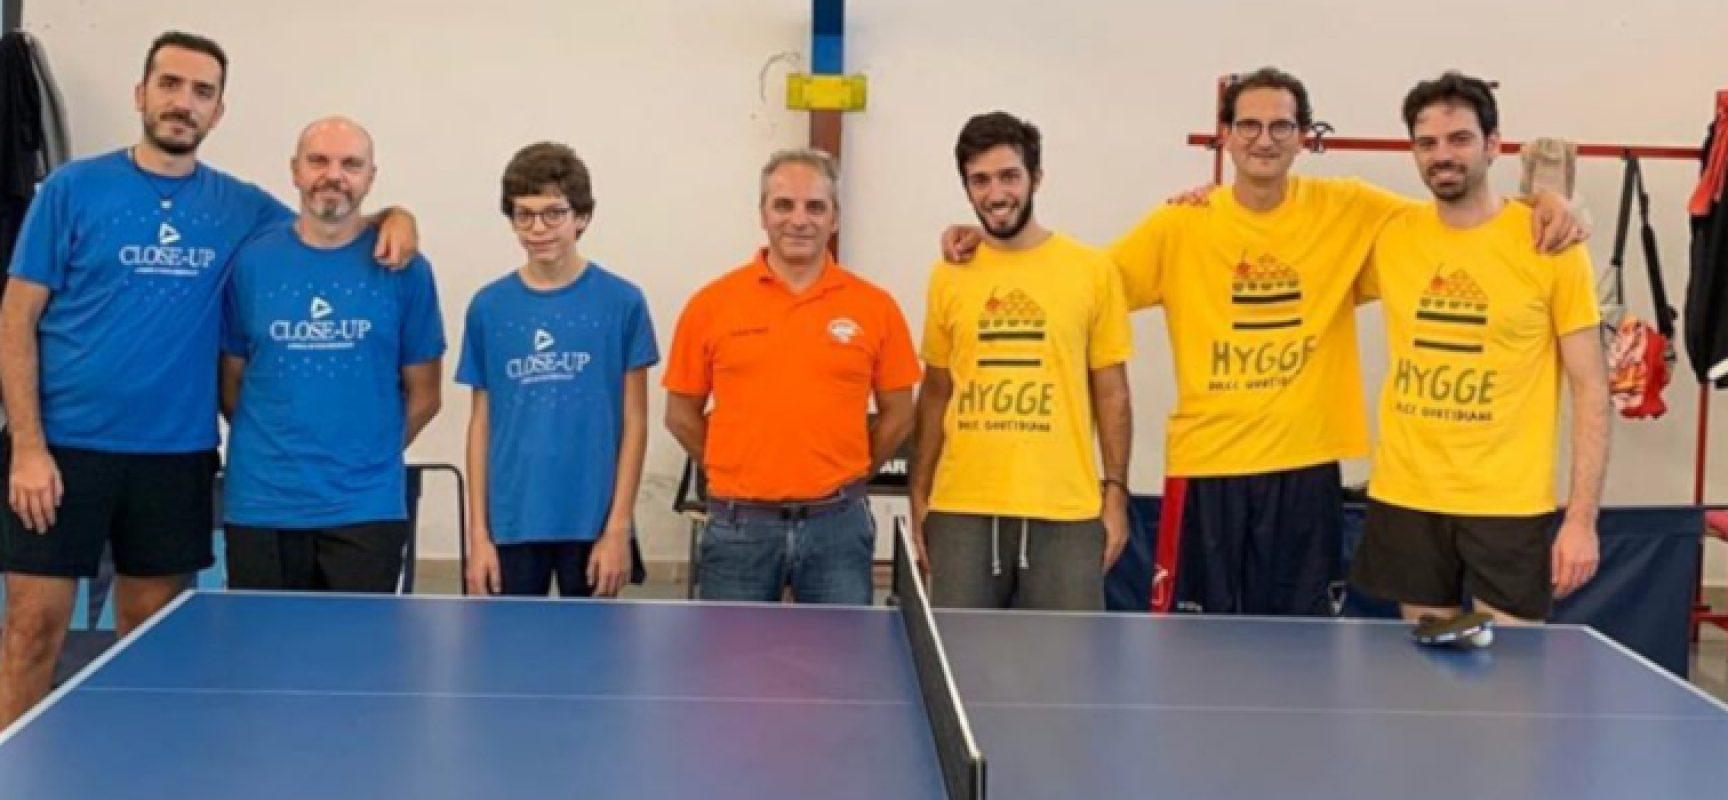 Tennistavolo: FITeT dichiara chiusi i campionato, Hygge Bisceglie promossa in Serie D1